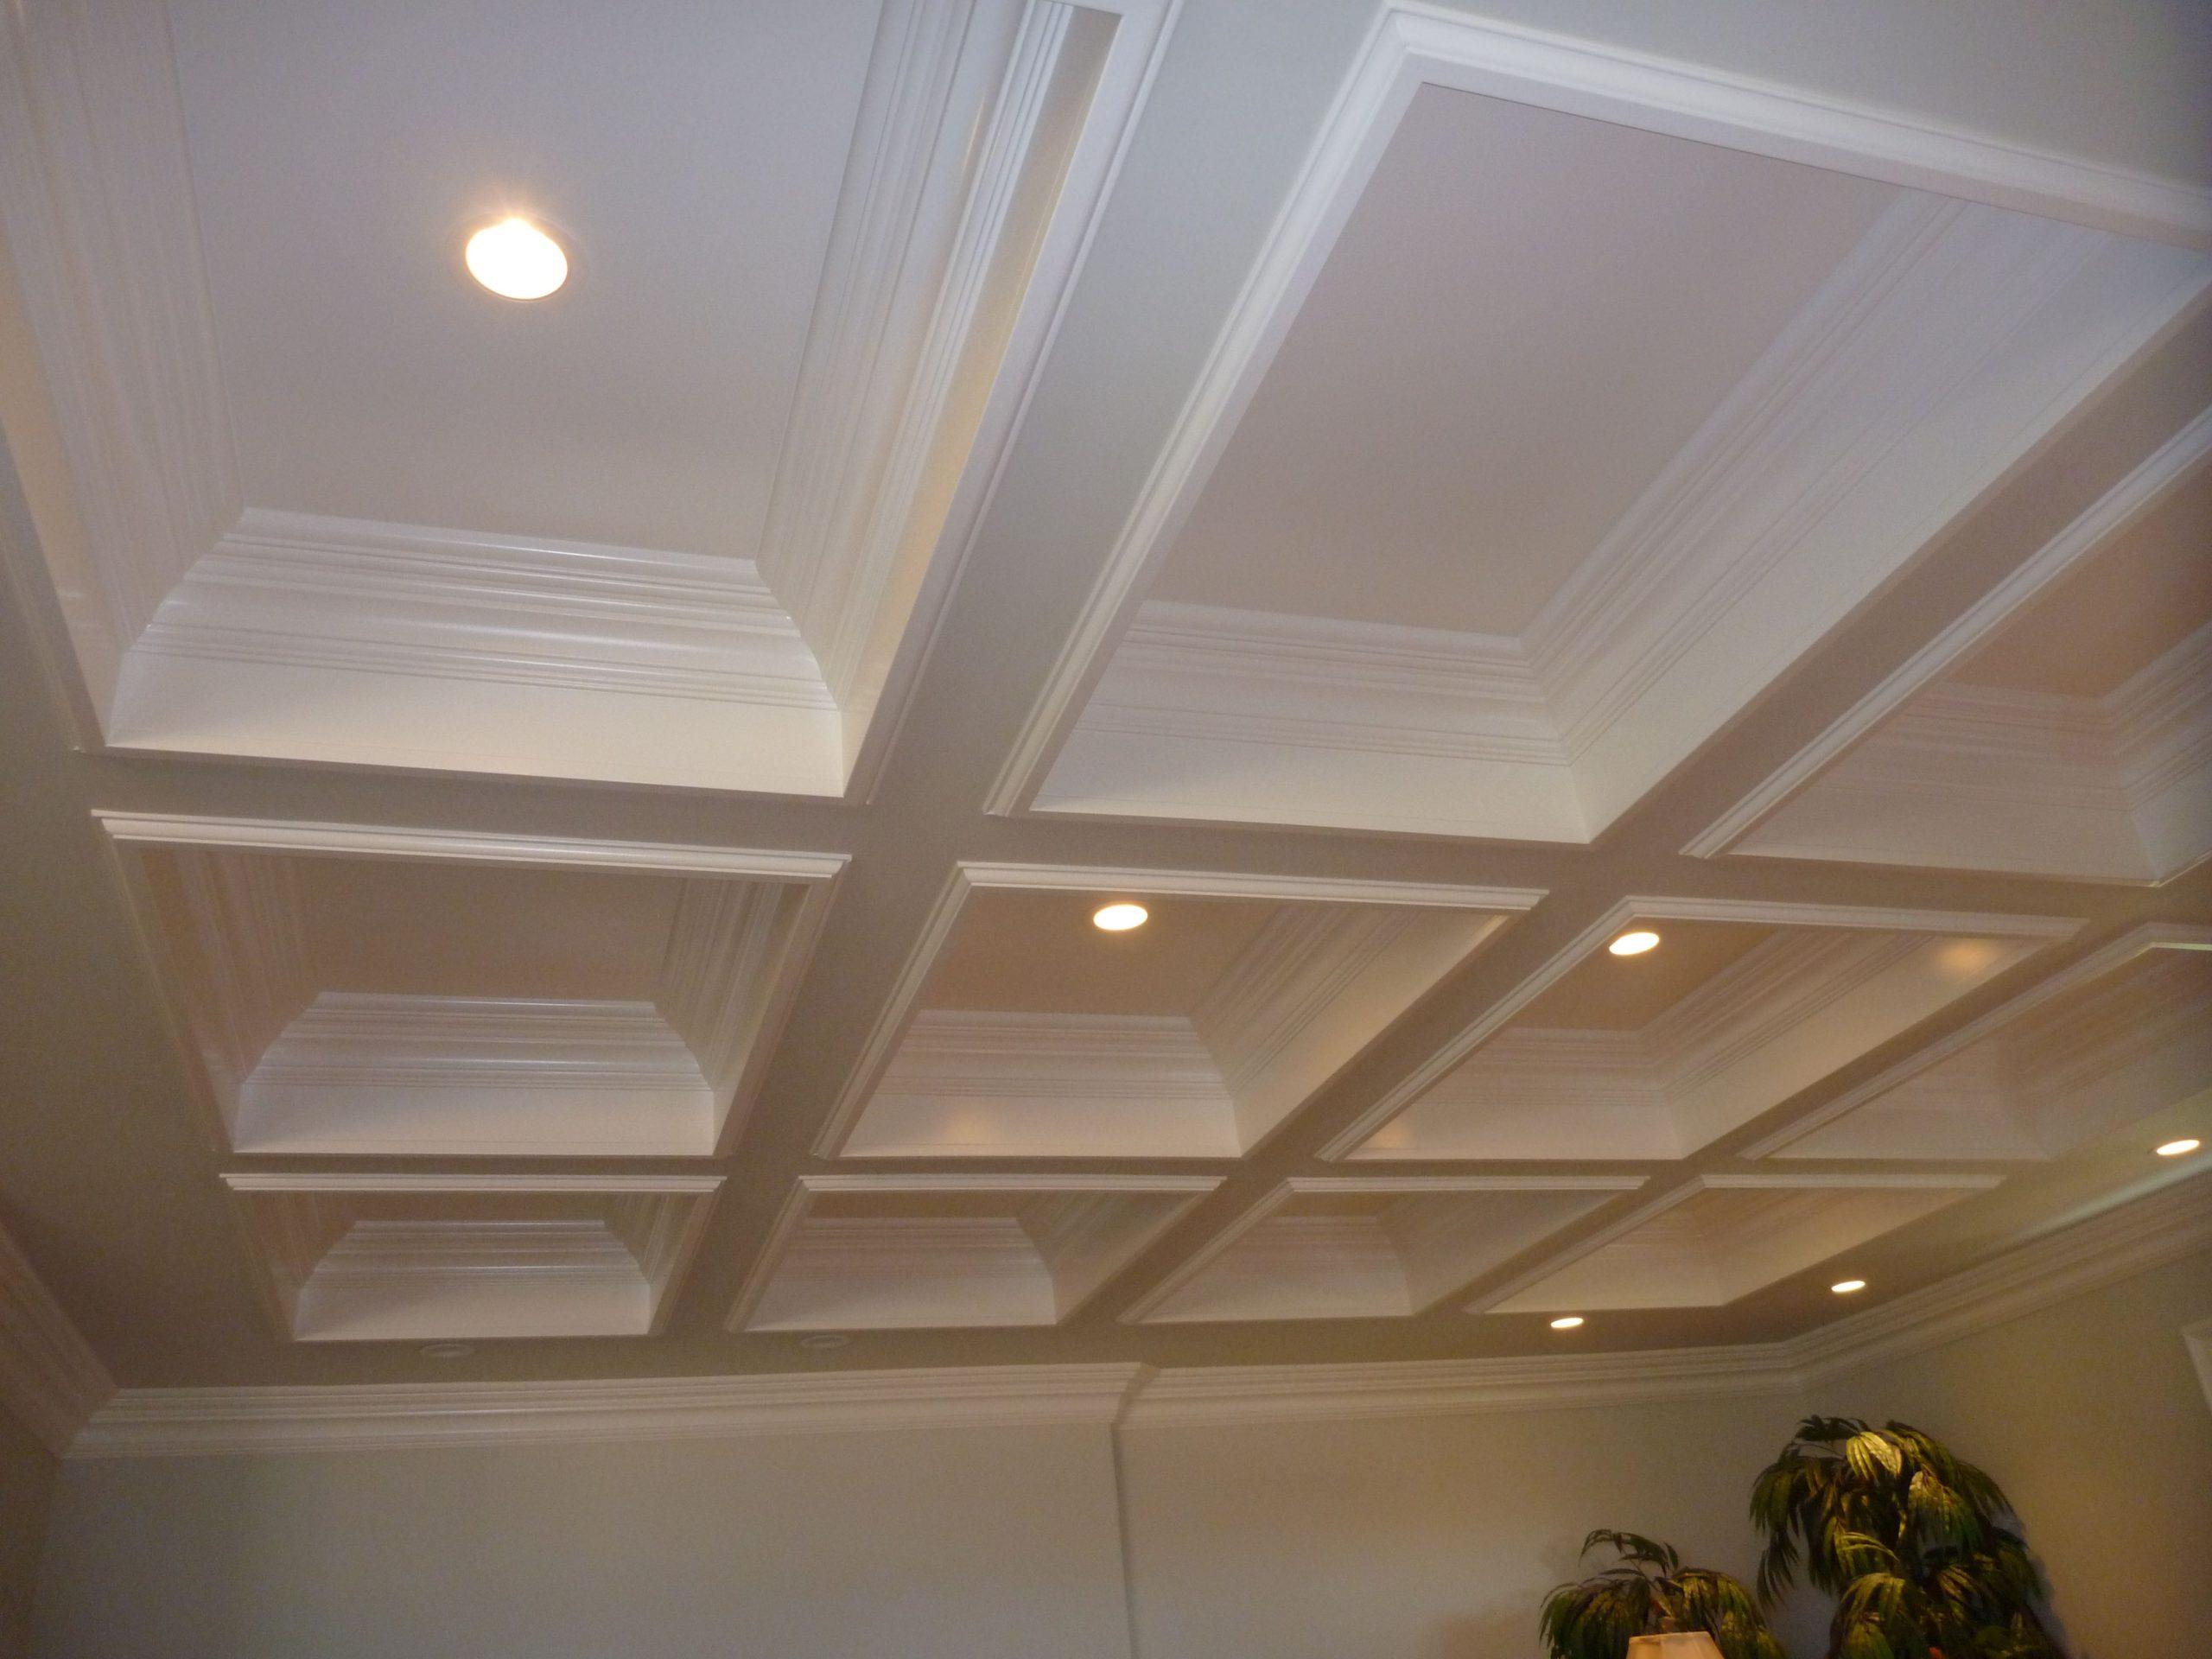 سقف کاذب چیست و تعریف آن استوارسازان